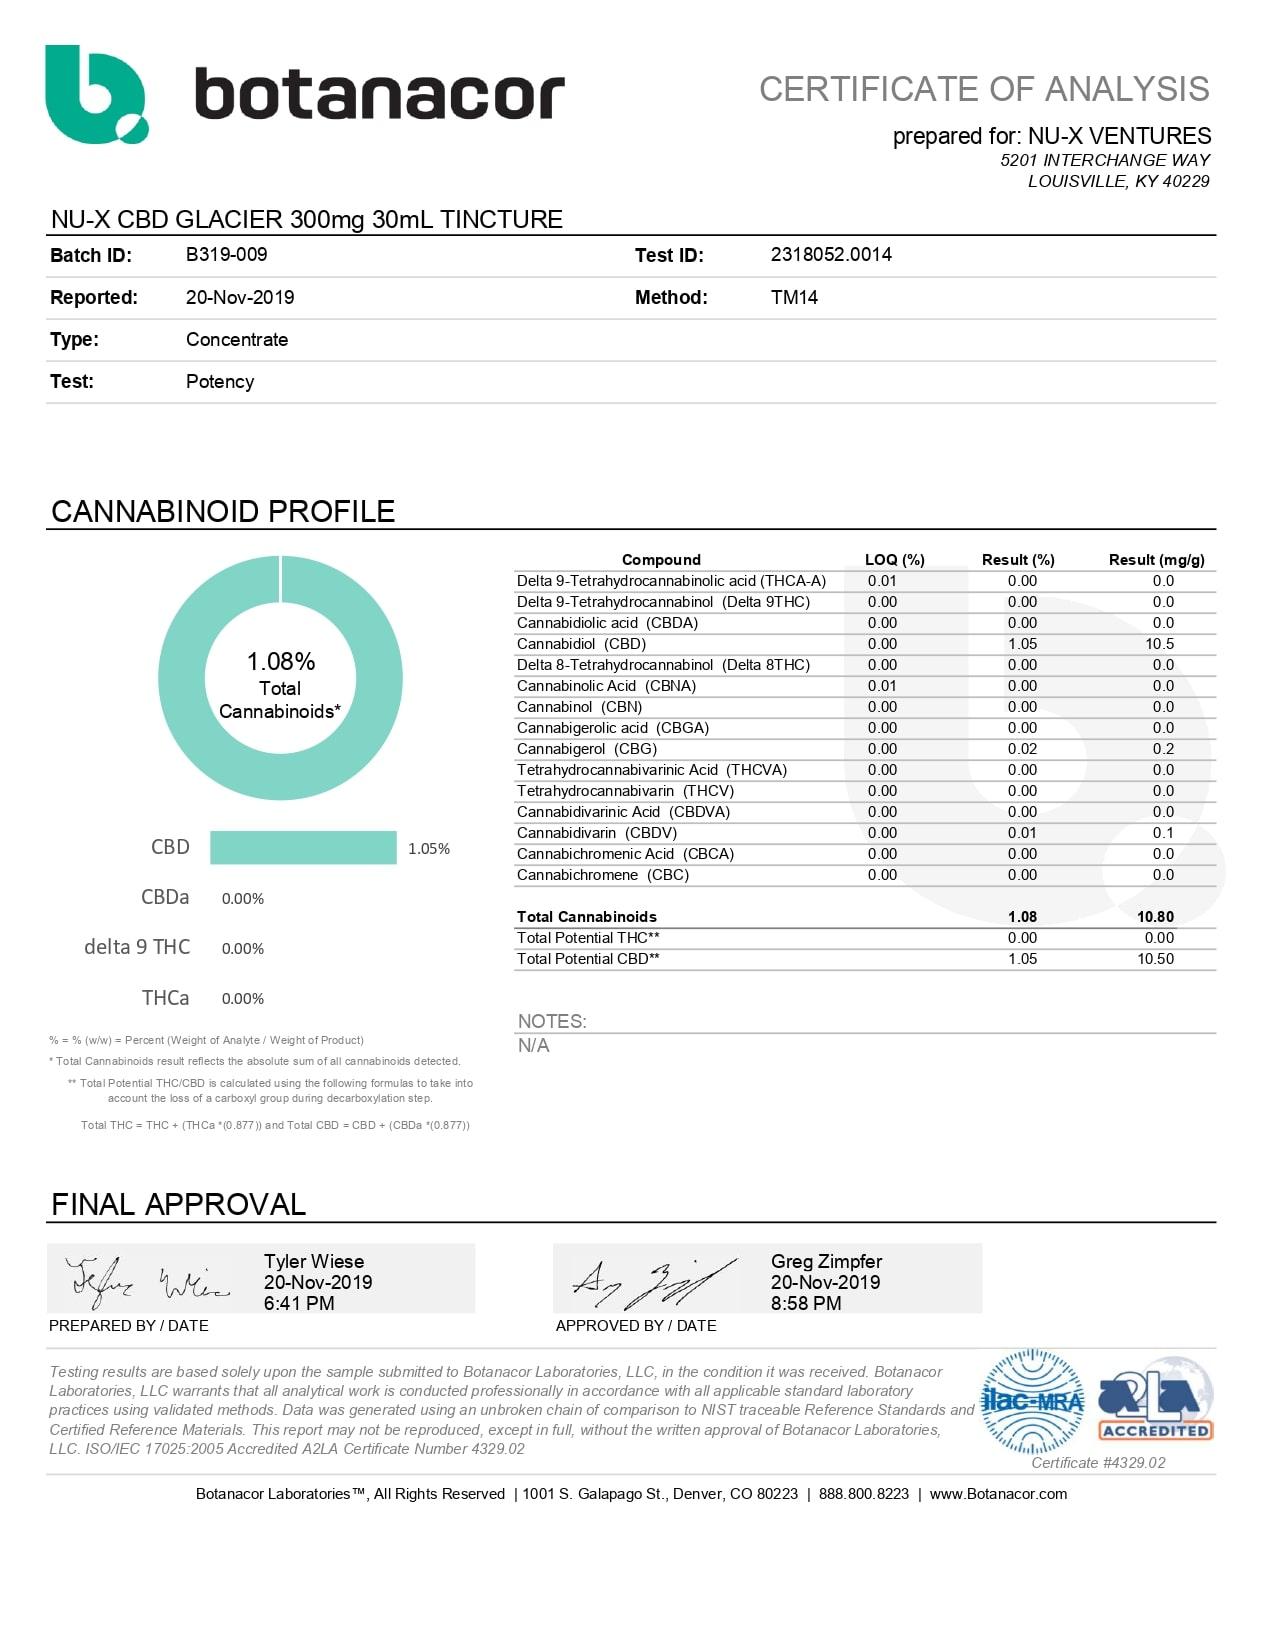 NU-X CBD Tincture Lab Report Glacier Mint 300mg